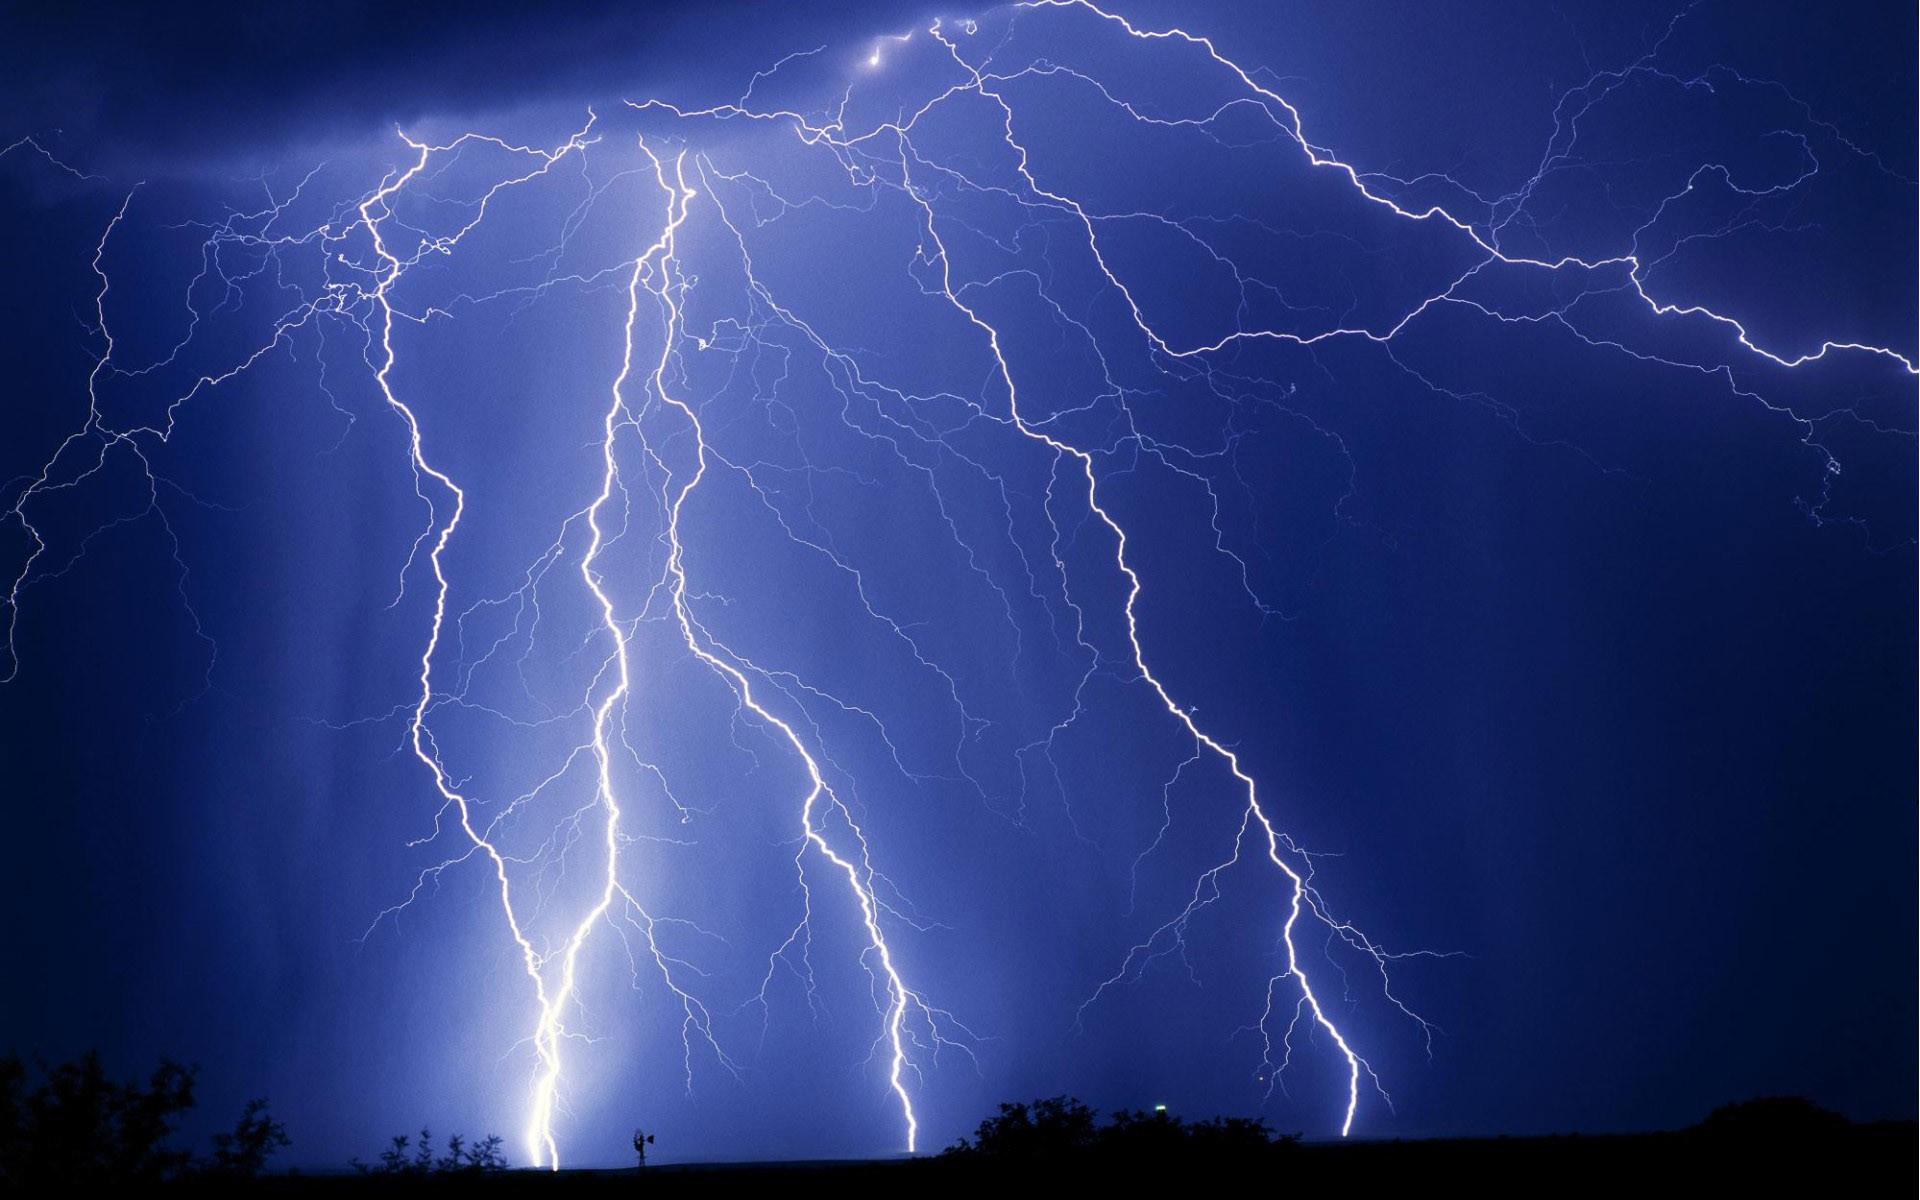 lightning bolt backgrounds 52 images